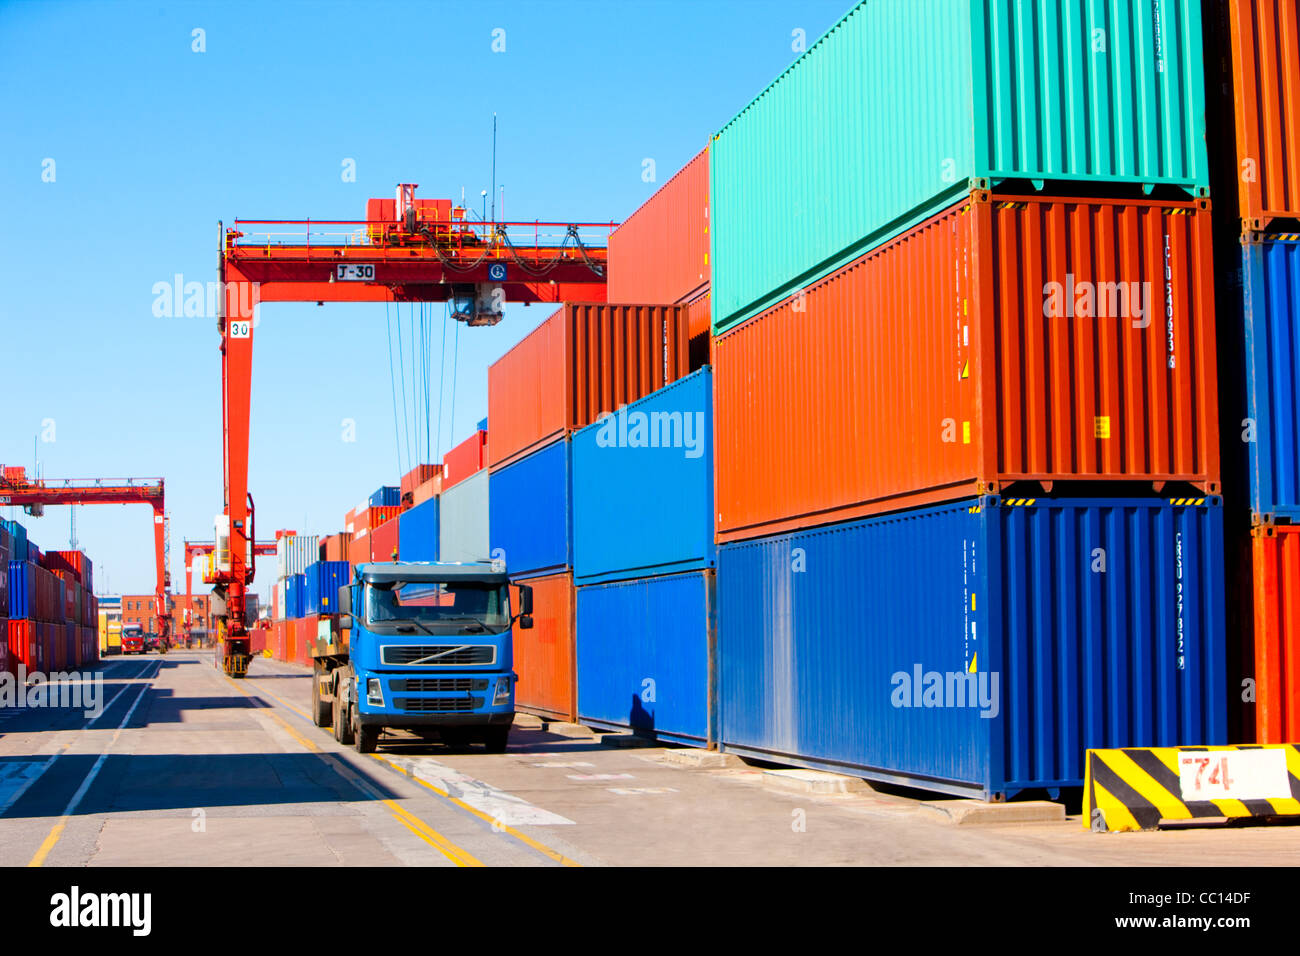 Kräne, LKW Und Container In Der Schifffahrt Dock